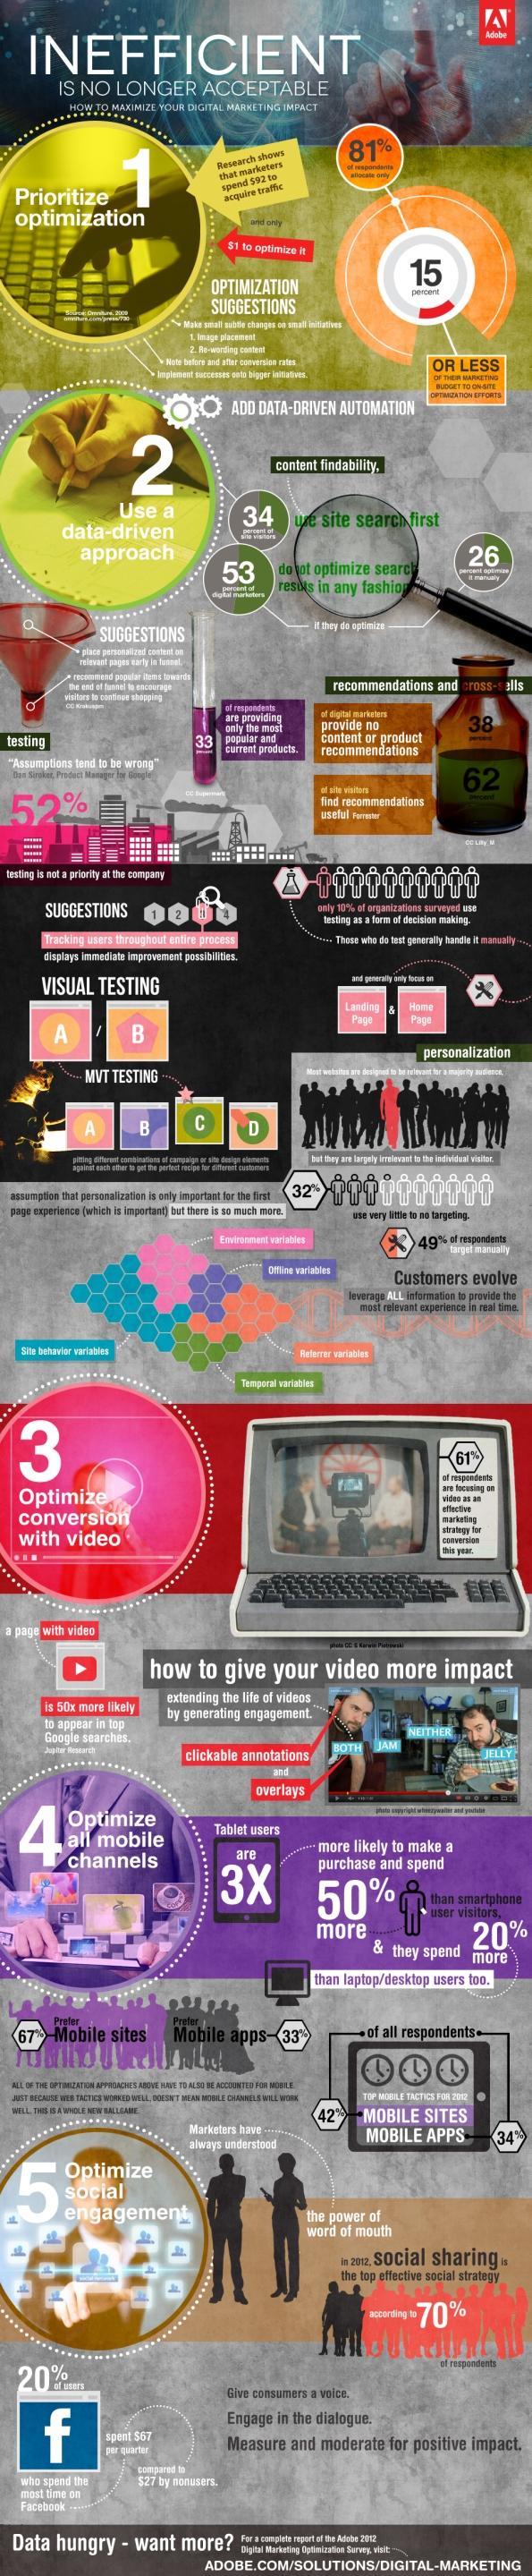 5 primeras Oportunidades de Conversión de Proveedores Digitales [Infographic]